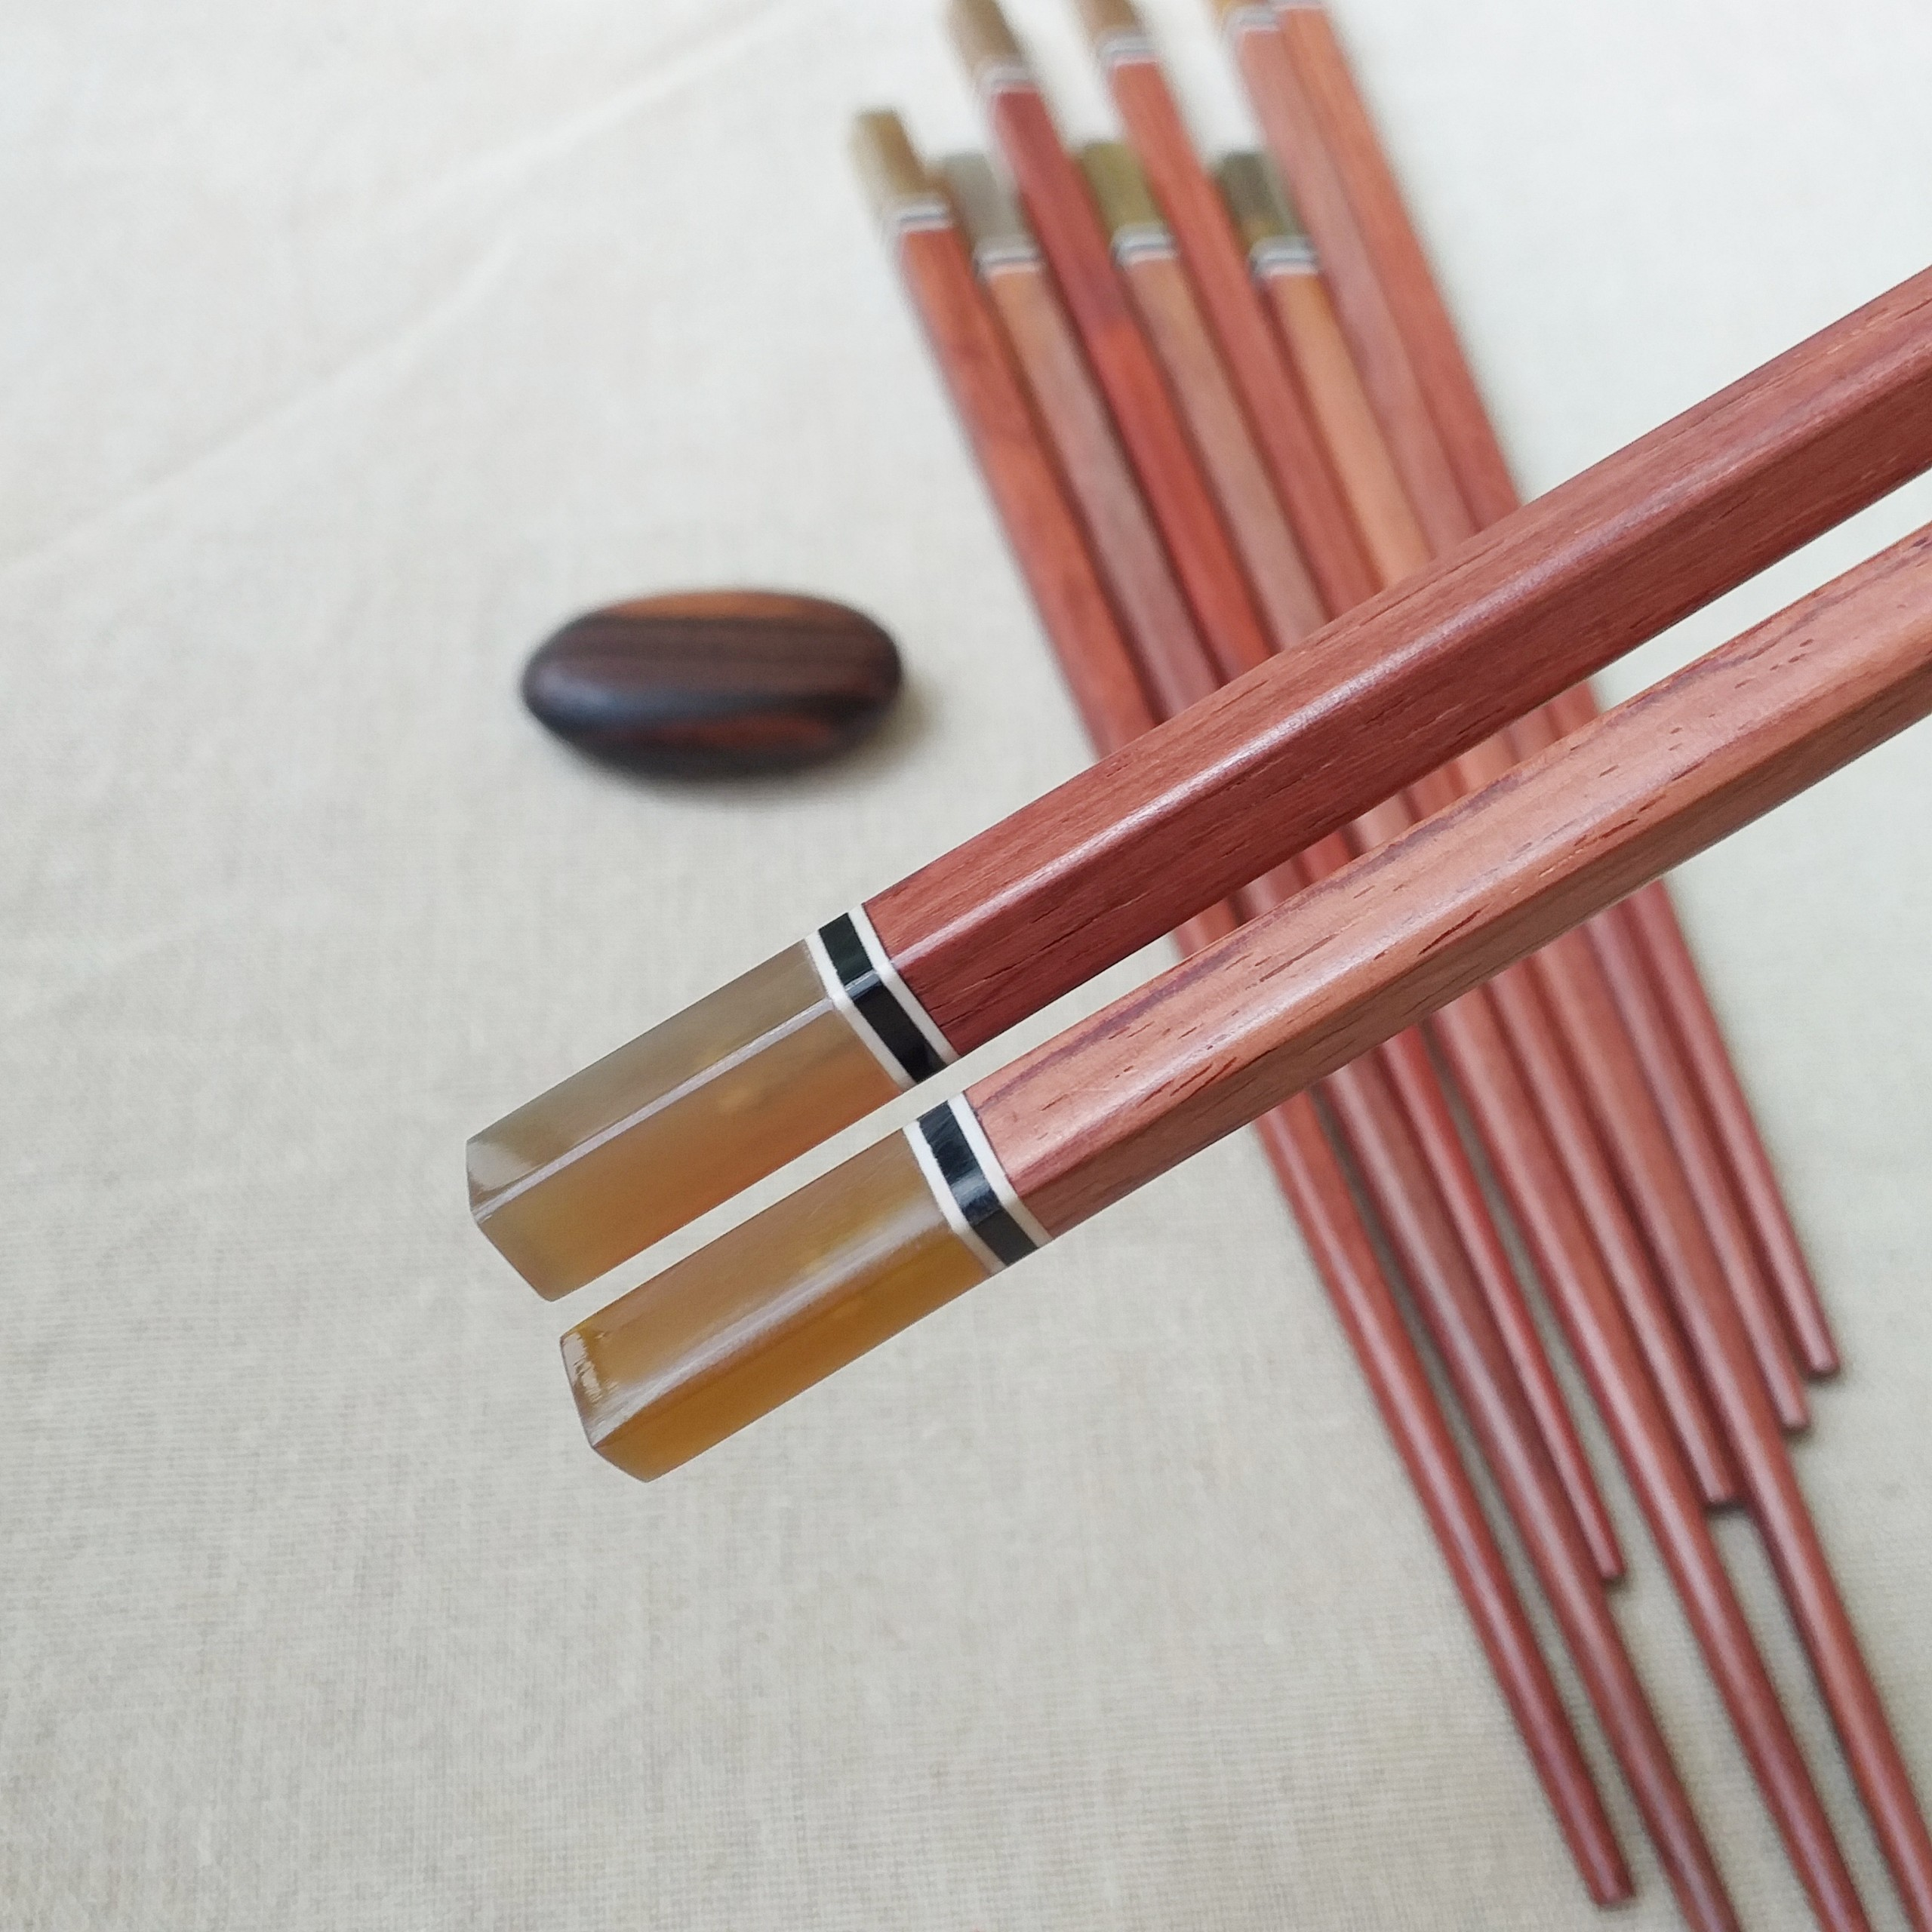 Đũa gỗ Cẩm vuông 24,5cm - Đầu gắn sừng ( 5 đôi /Túi) - Đũa gỗ tự nhiên (D11)